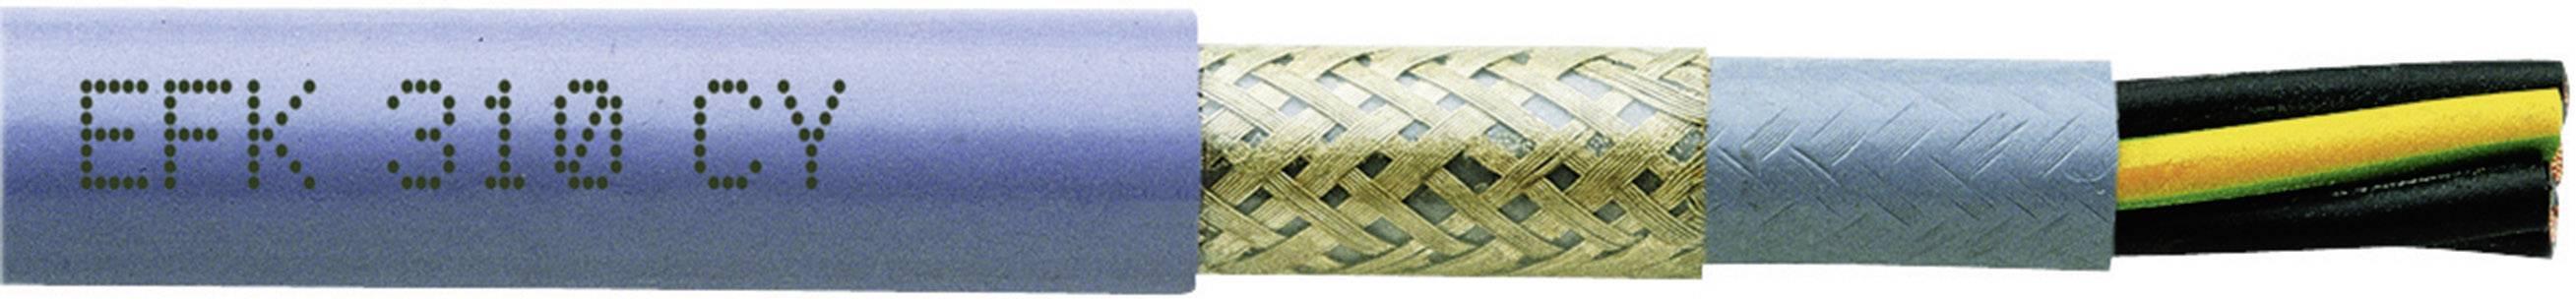 Tažný kabel Faber Kabel EFK 310 CY 310 CUL EFK PVC/PVC/C/PVC (035493), 5x 1 mm², PVC, Ø 10,7 mm, stíněný, 1 m,